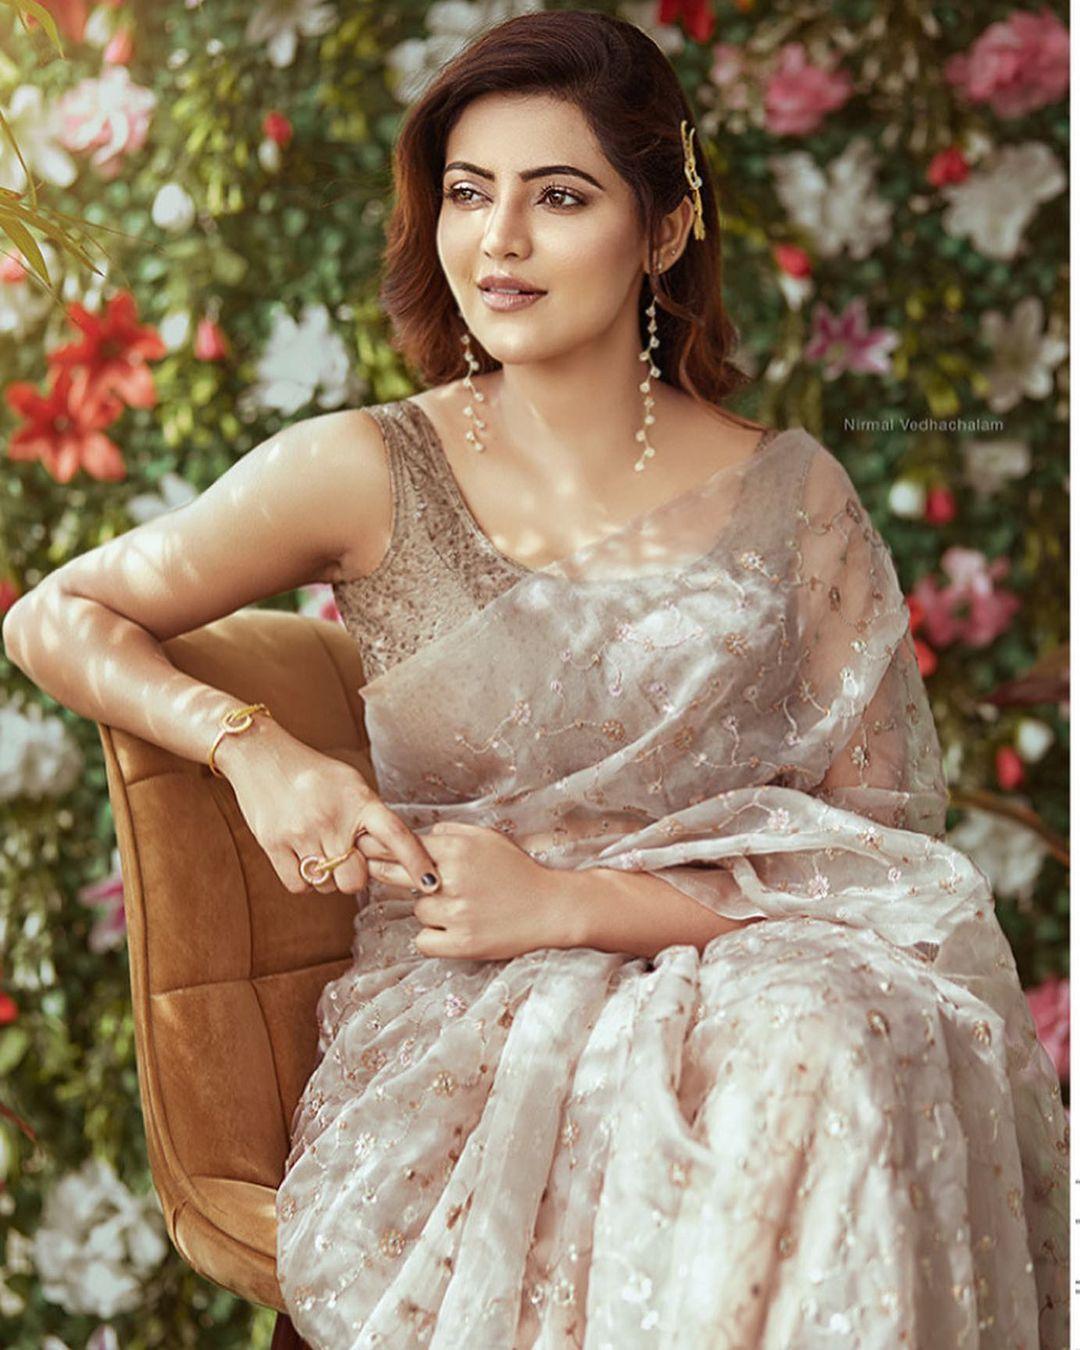 athulya ravi latest images